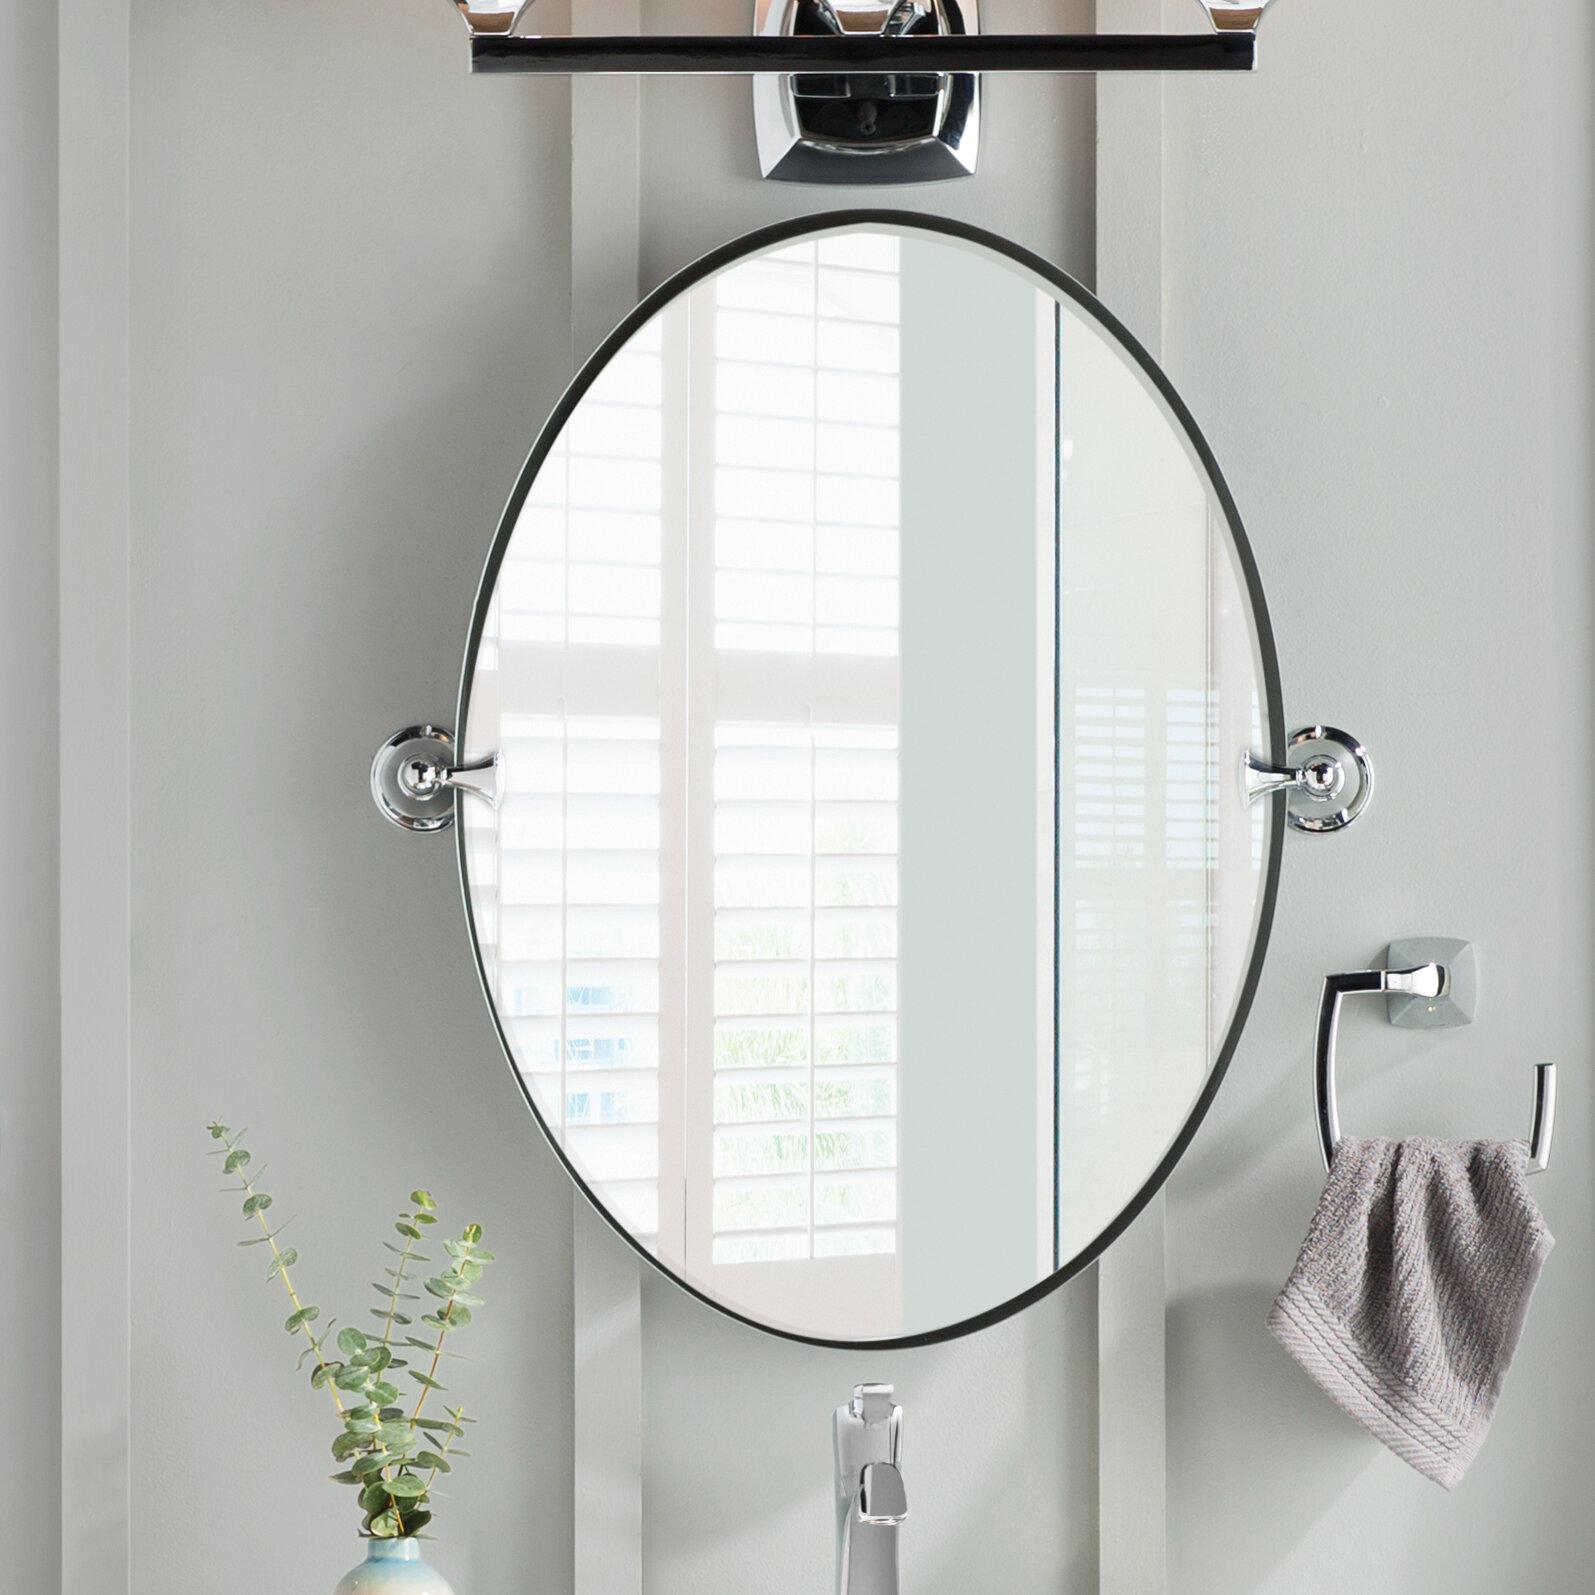 Moen Glenshire Wall Mirror & Reviews | Wayfair